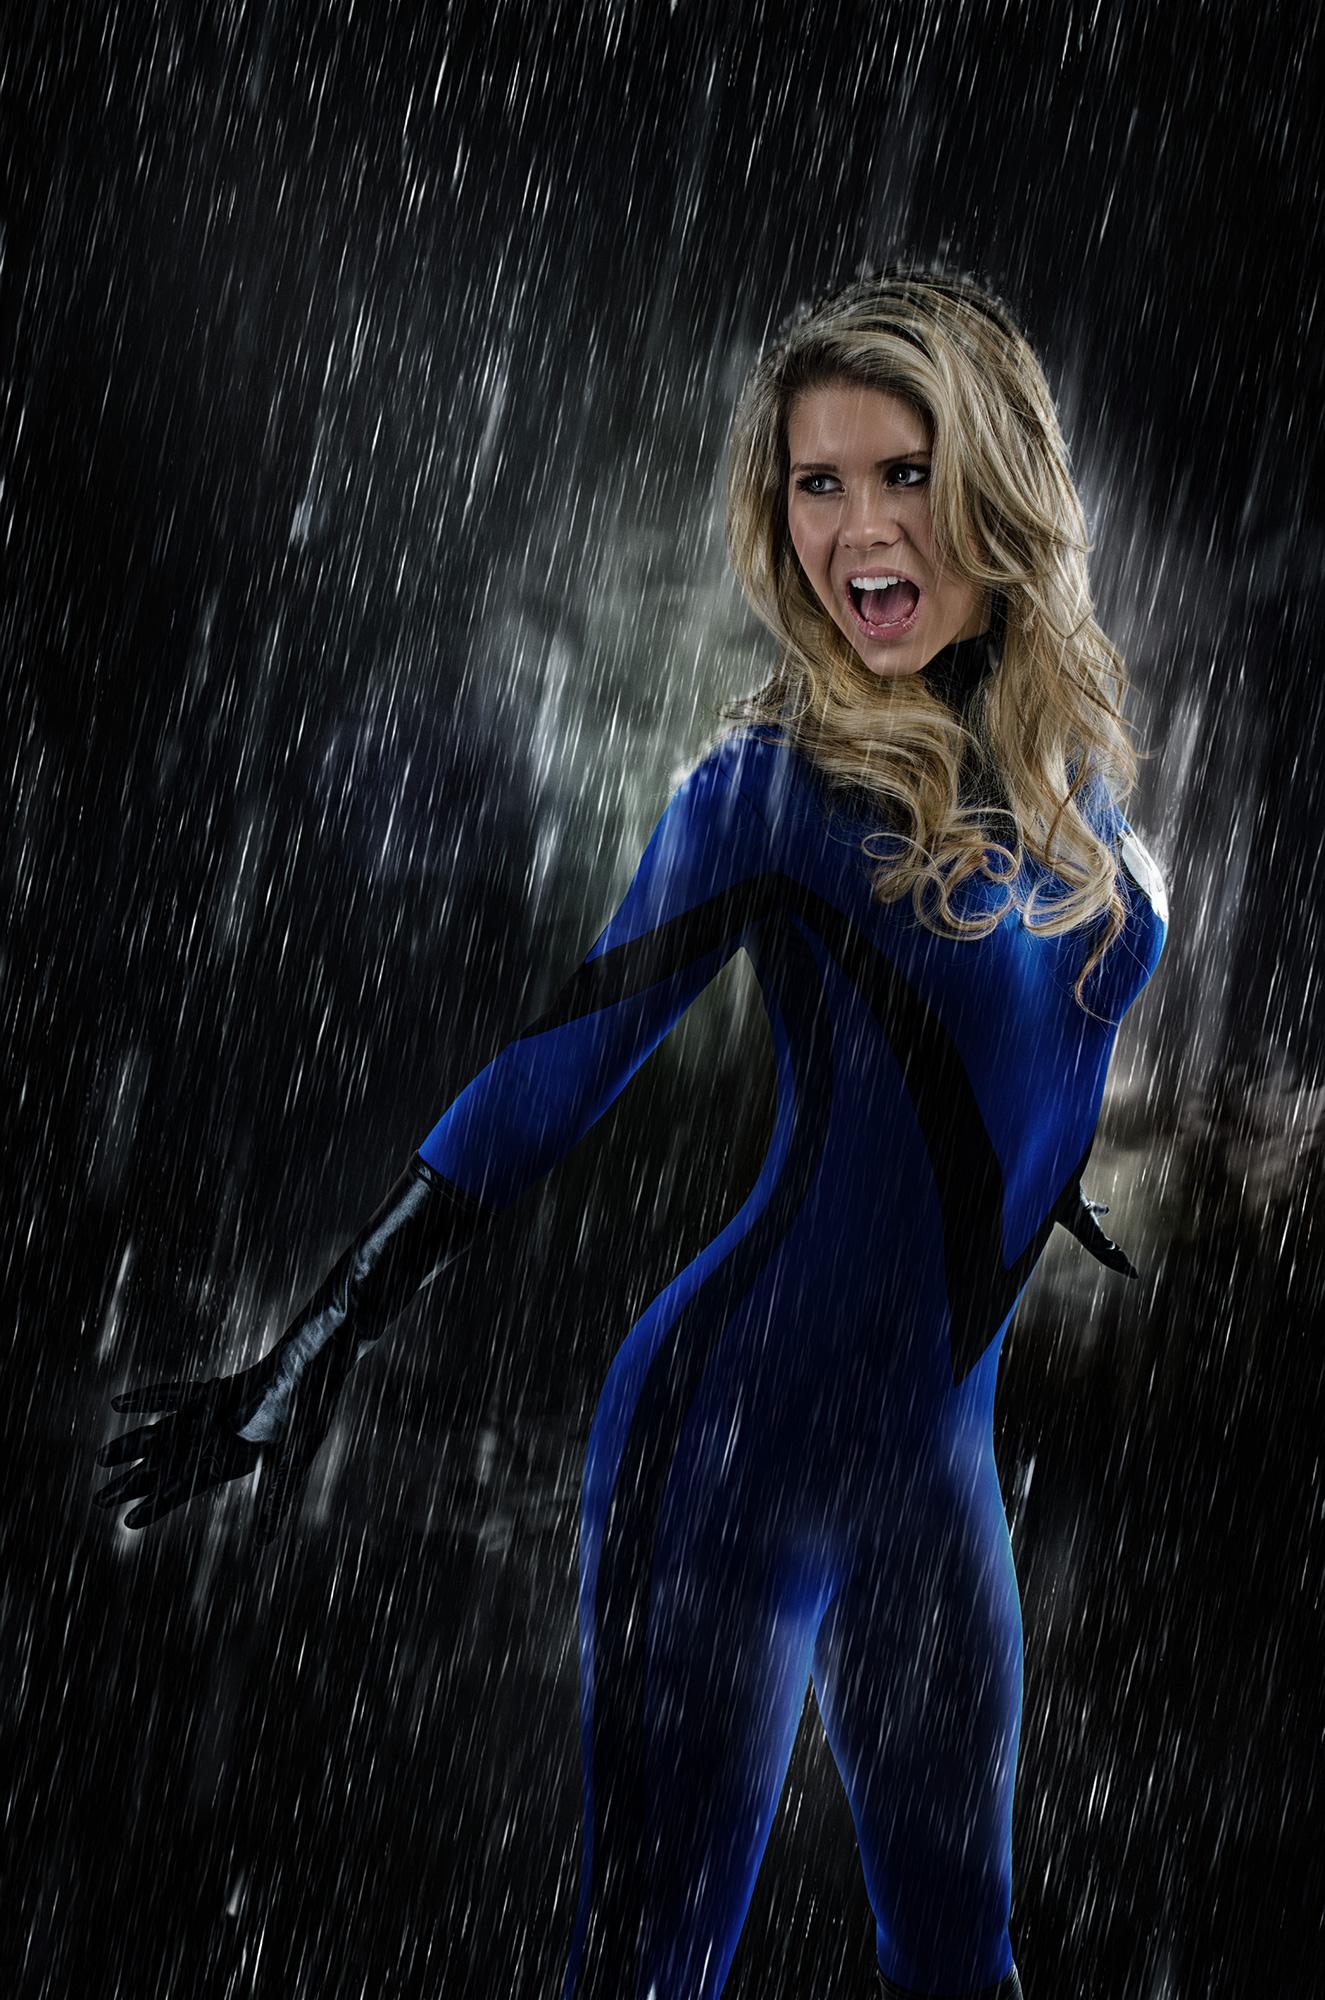 Sue Storm / Fantastic 4 cosplay